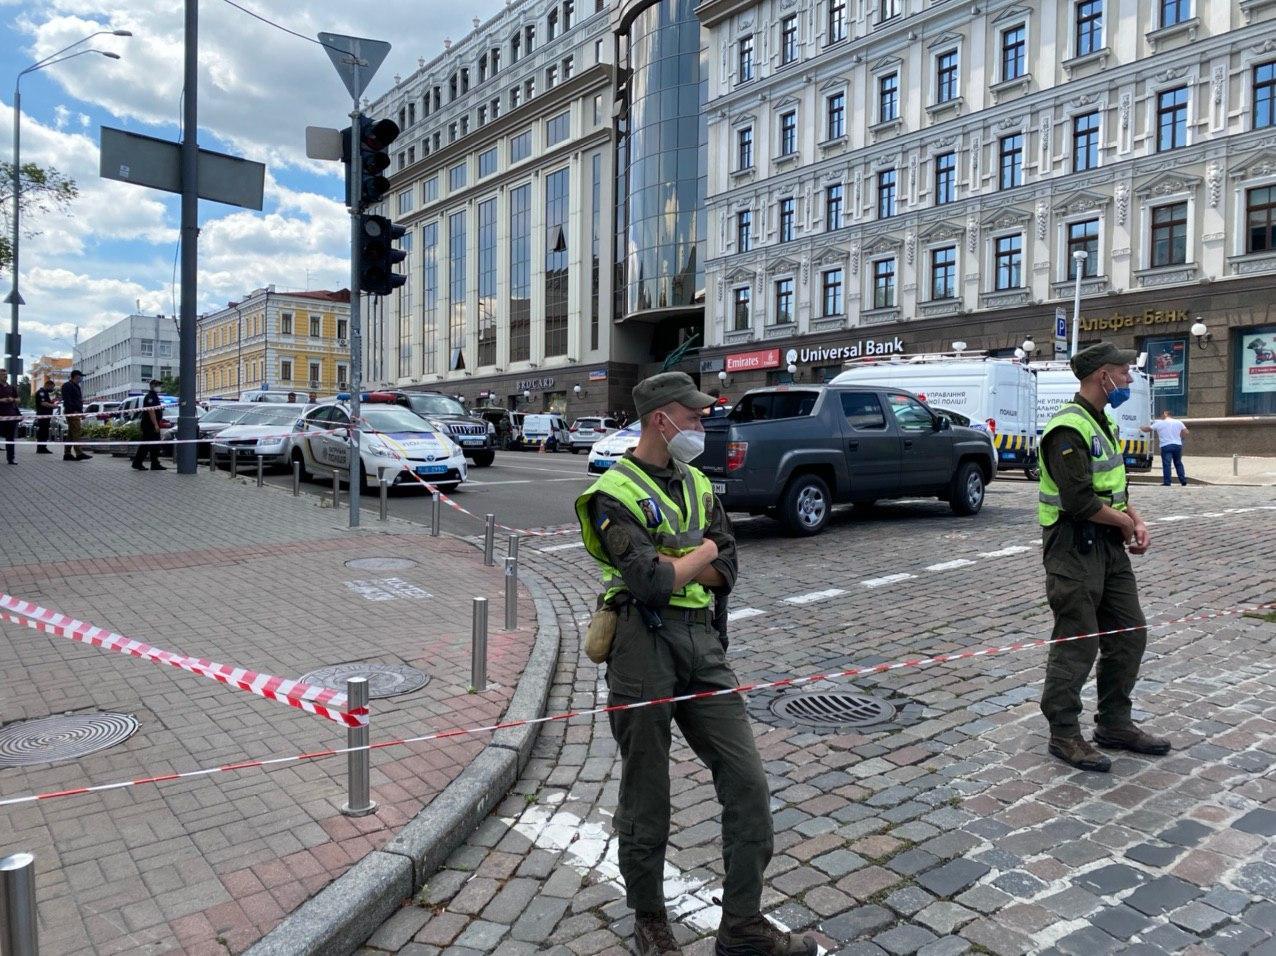 Захват банка в Киеве: Геращенко пояснил, будет ли силовой захват здания